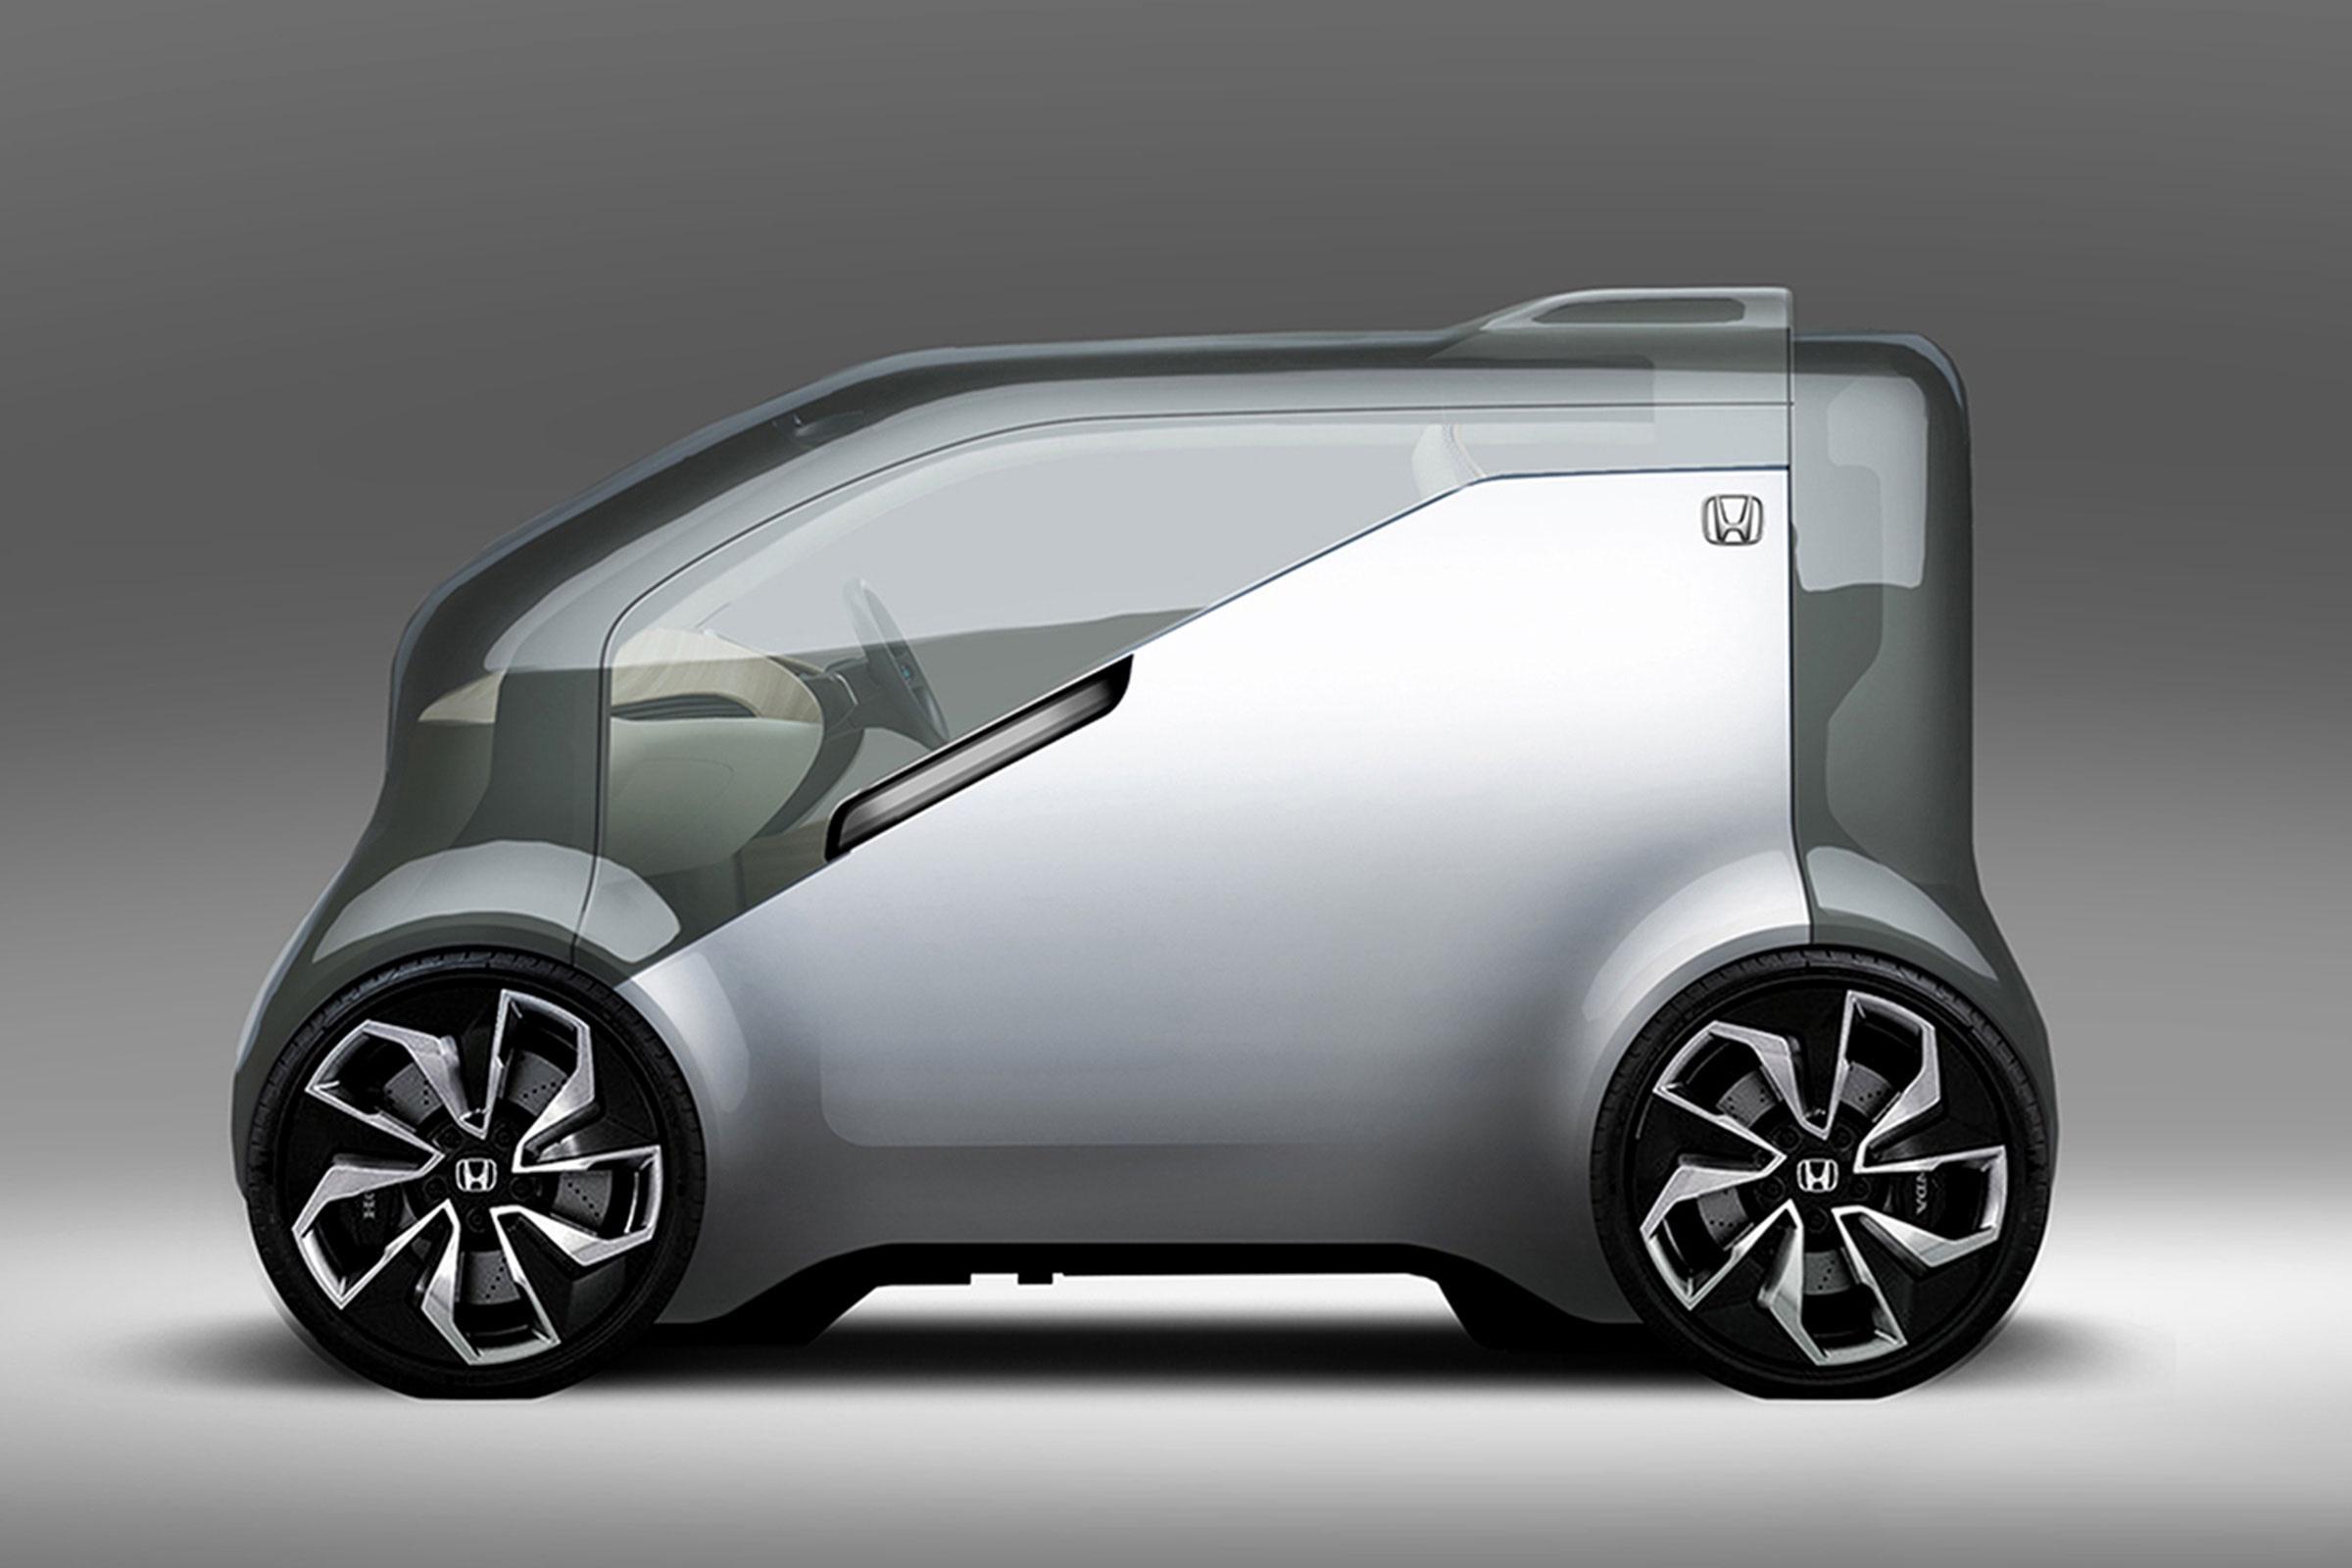 قدرت هوش مصنوعی و فناوری انتقال دیتای بزرگ در خودروی احساسی هوندا / عکس